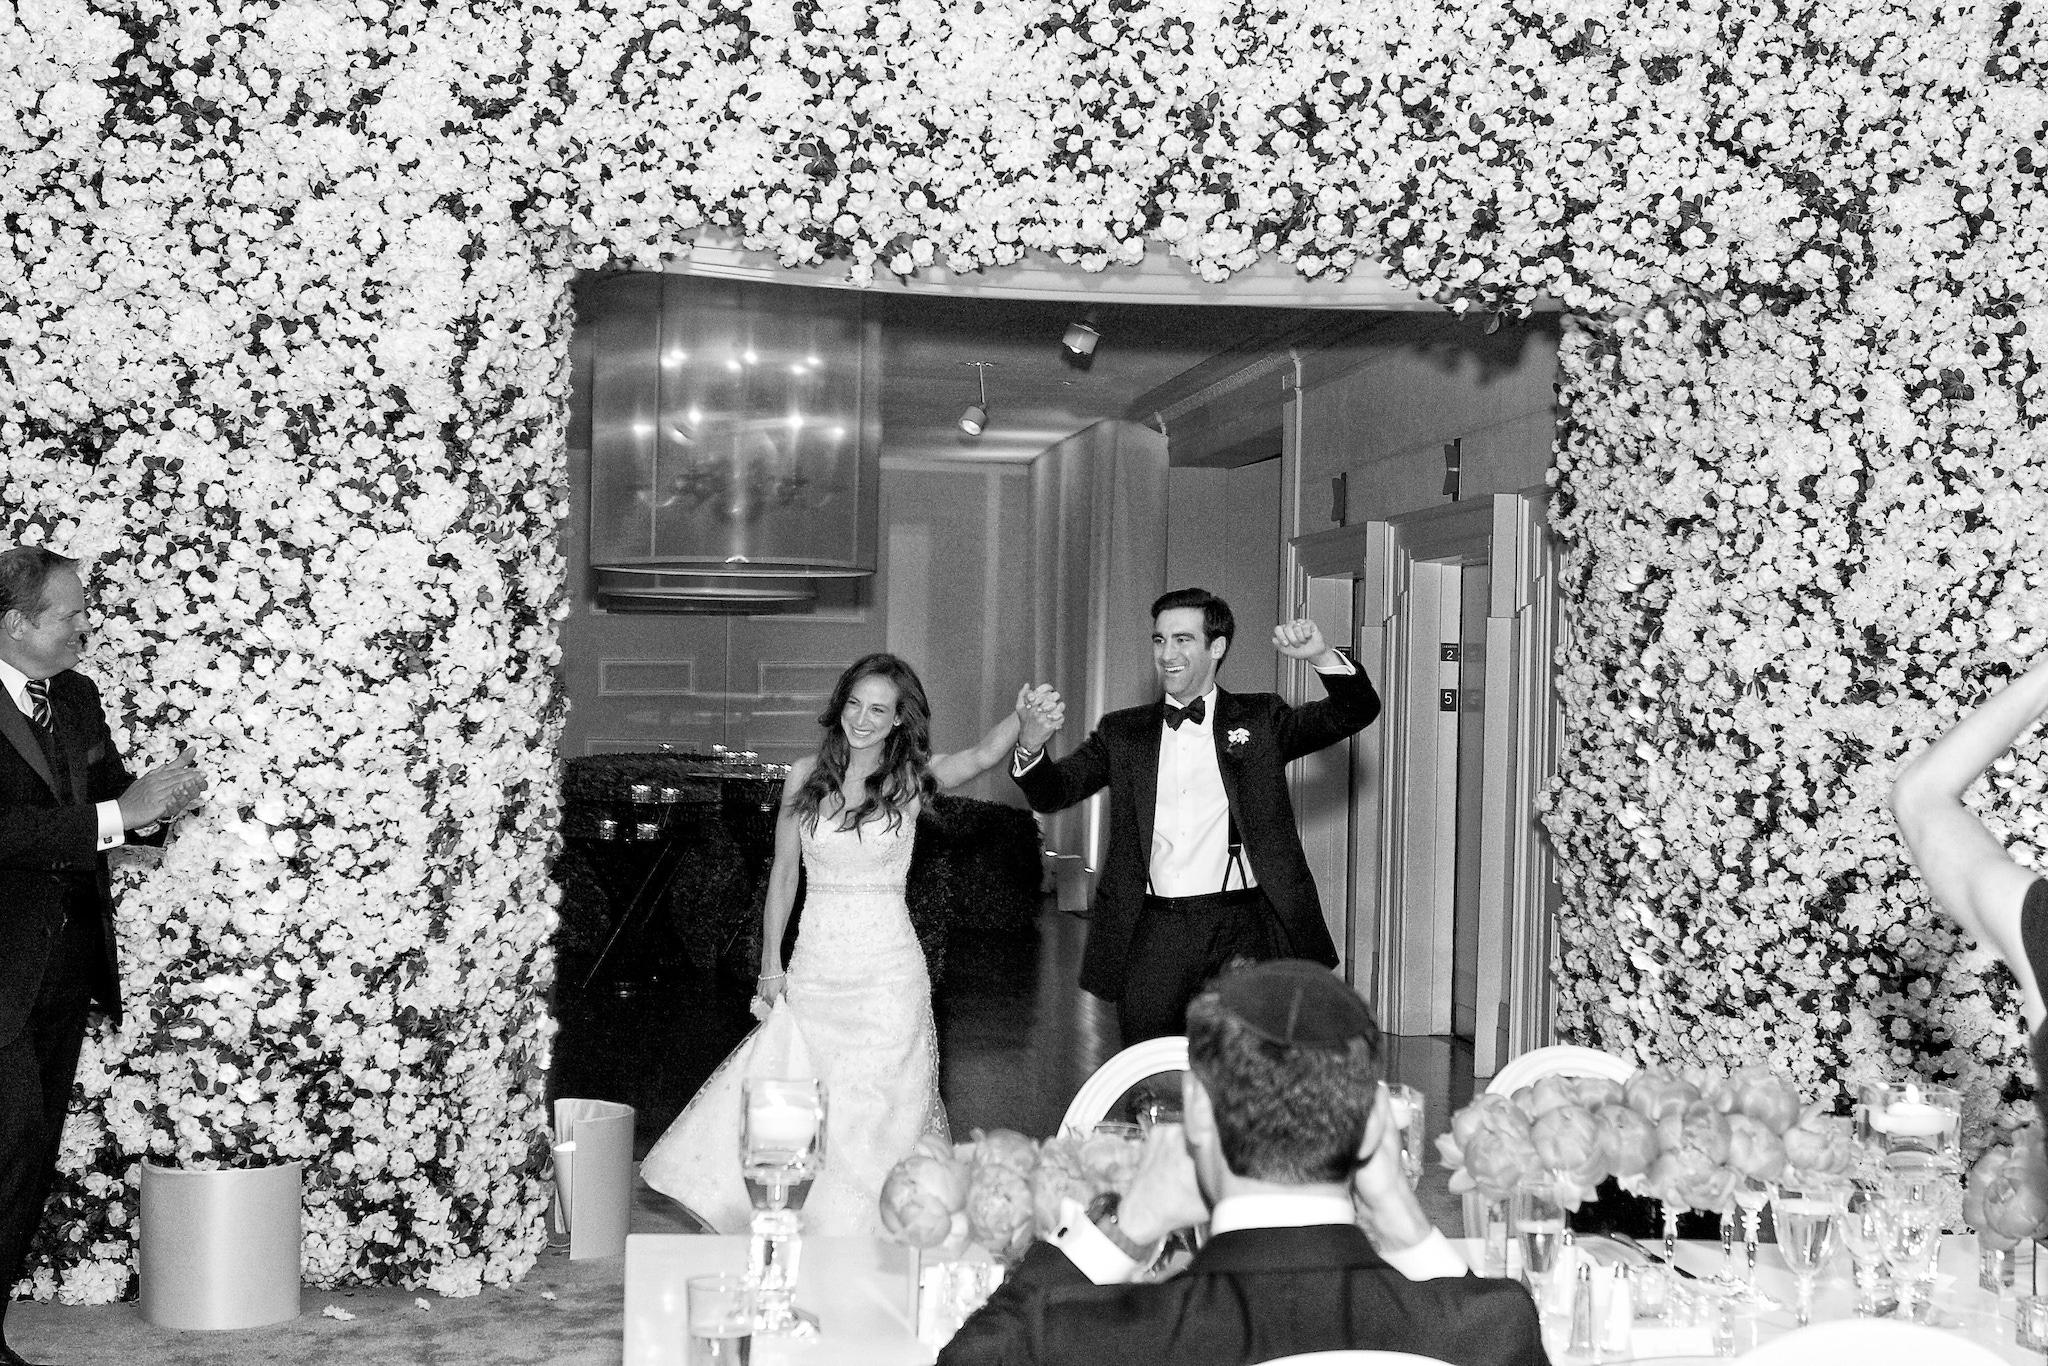 Chicago Wedding Photographer - KINGENSMITH